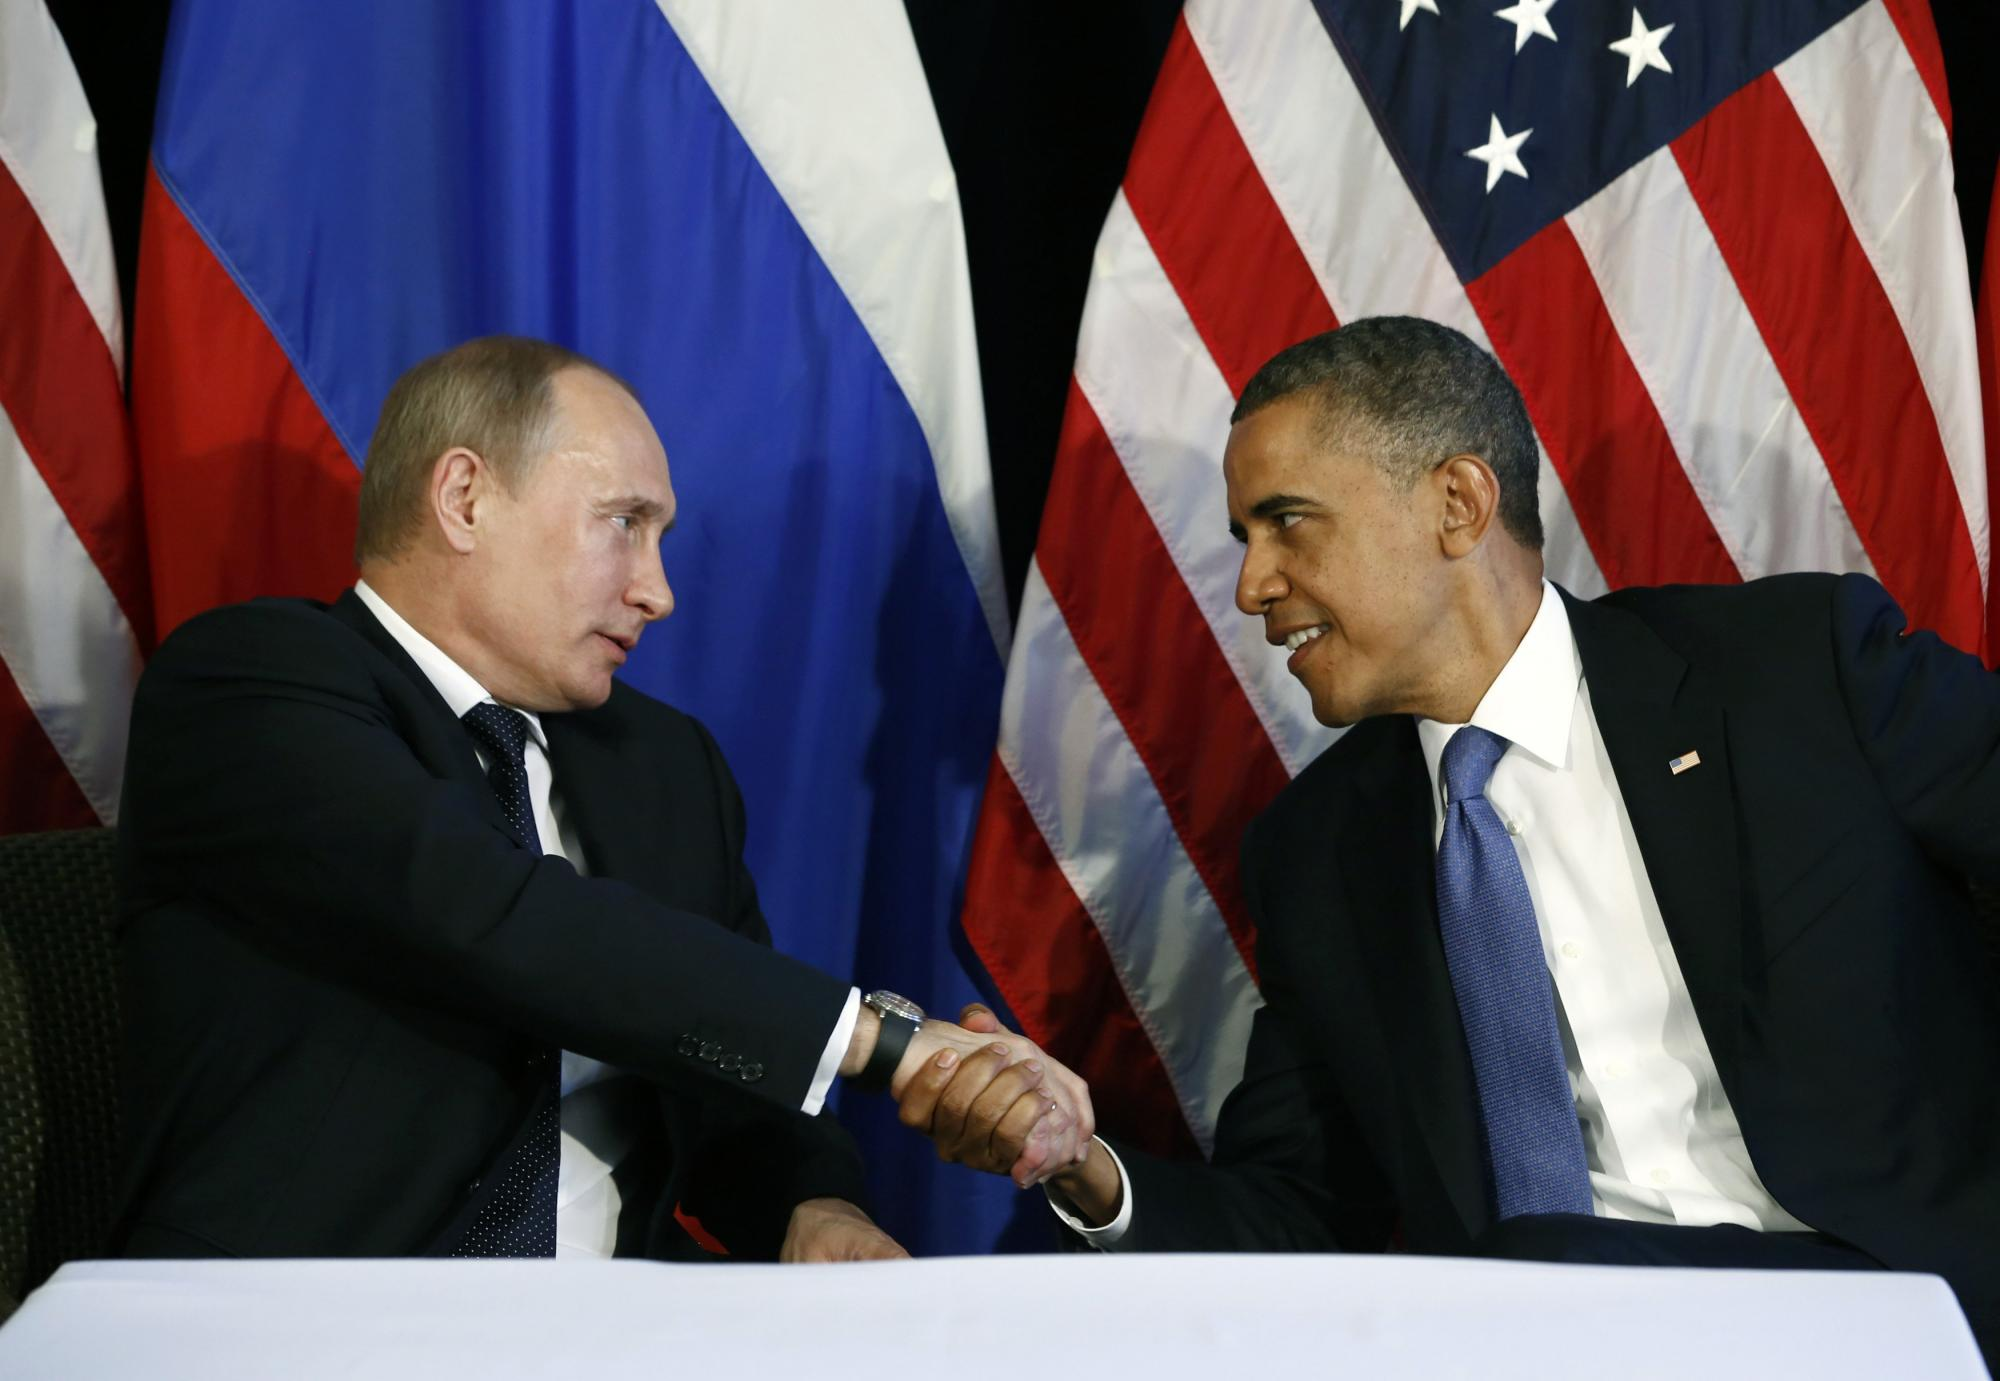 普京奥巴马认同叙利亚应实现政治过渡 英拦截